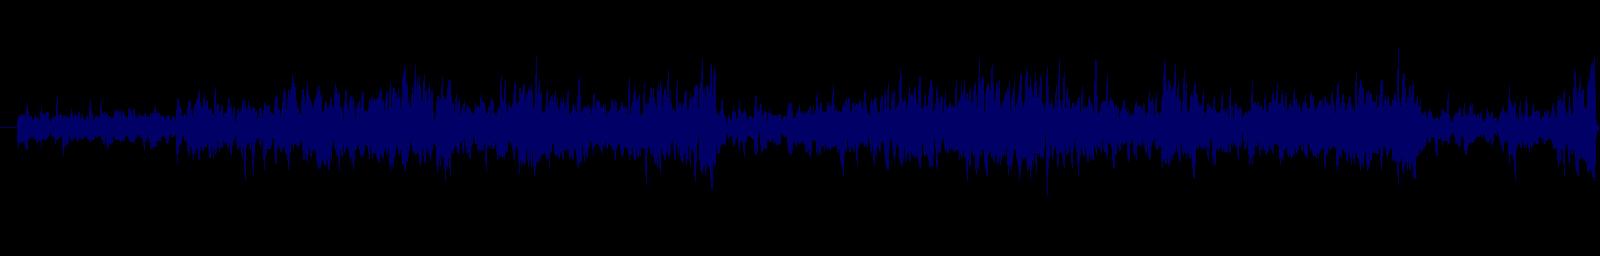 waveform of track #142085